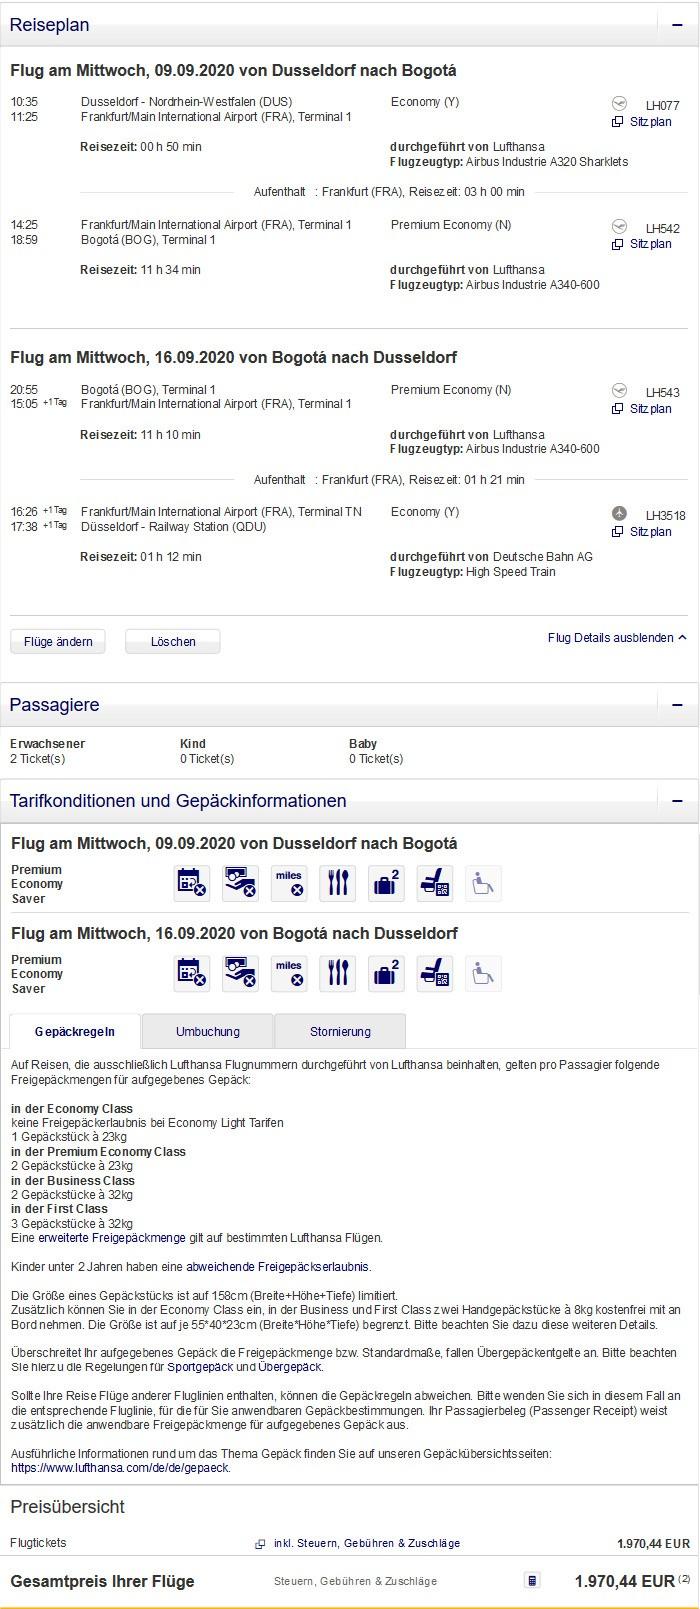 Preisbeispiel für Partnertarif von Düsseldorf nach Bogota in der Lufthansa Premium-Economy-Class